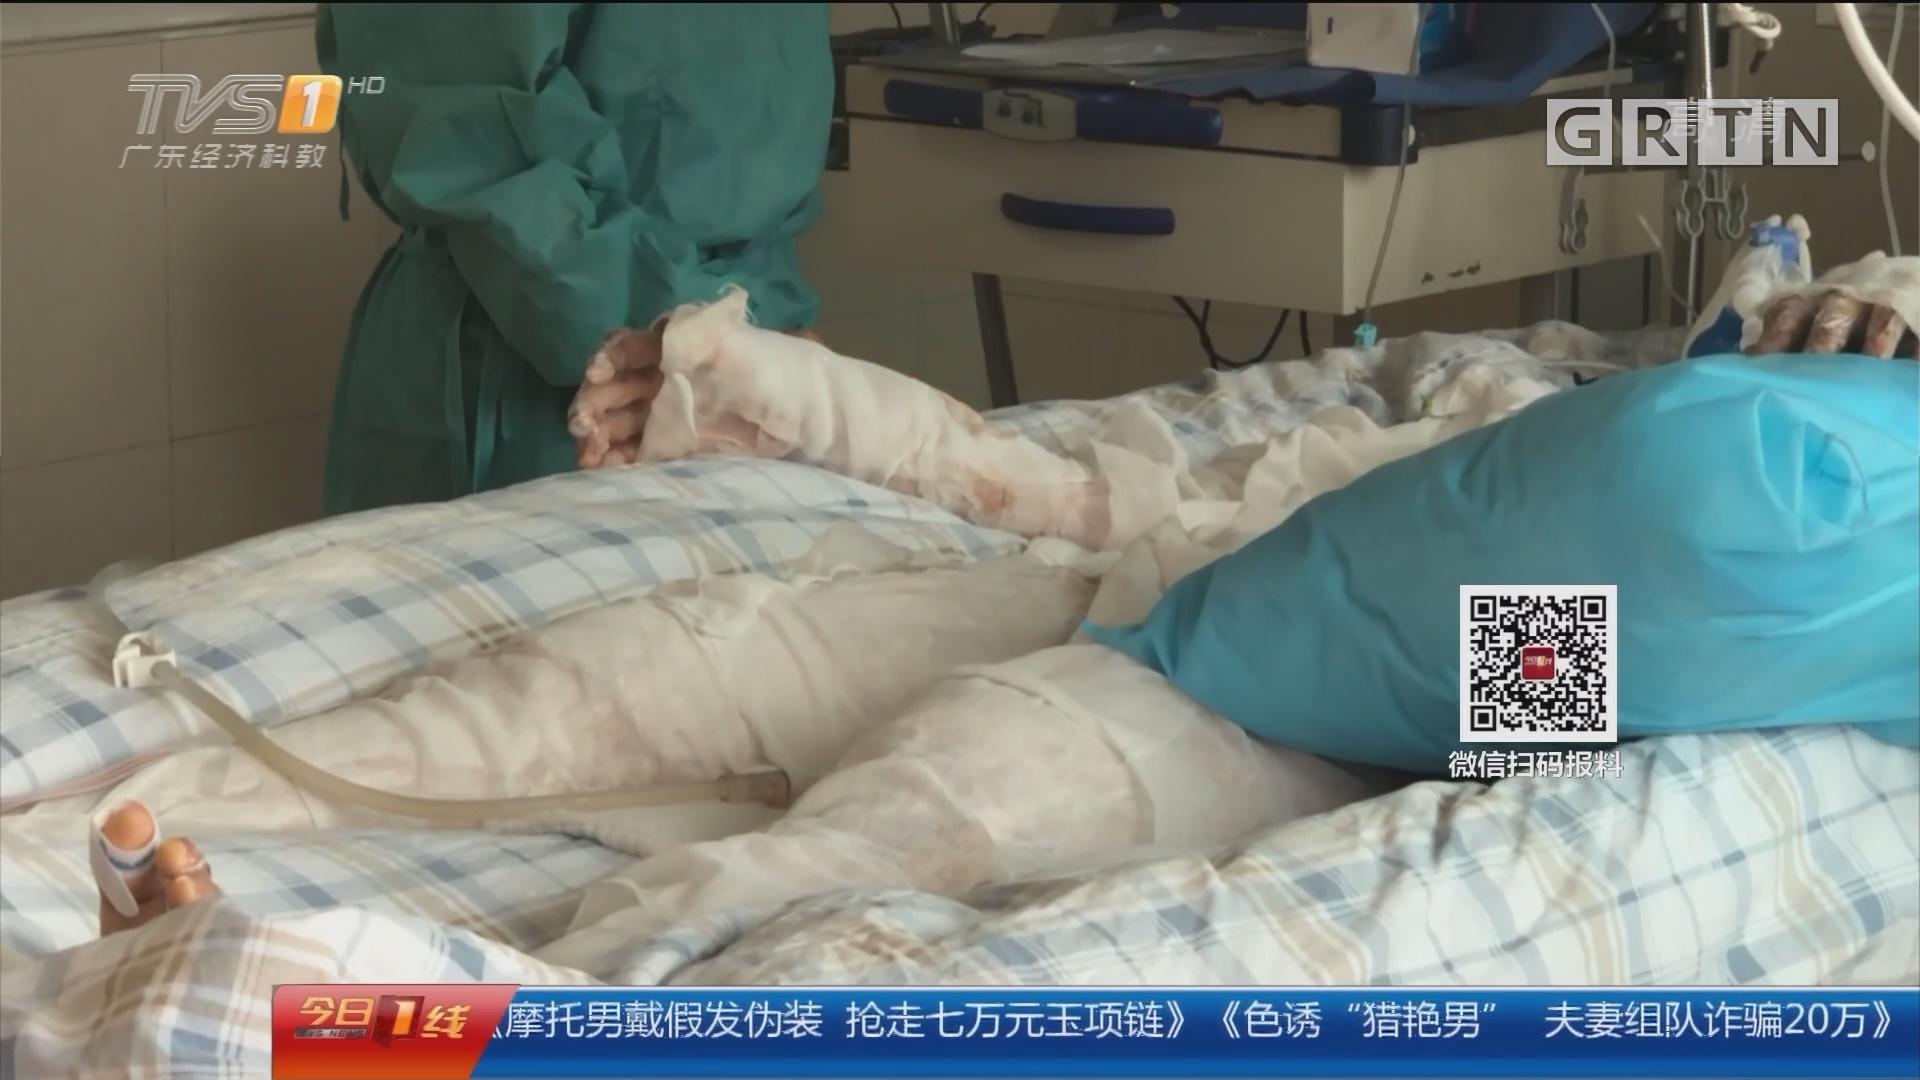 广州:高二女生9成皮肤烧伤 仍处于危险期